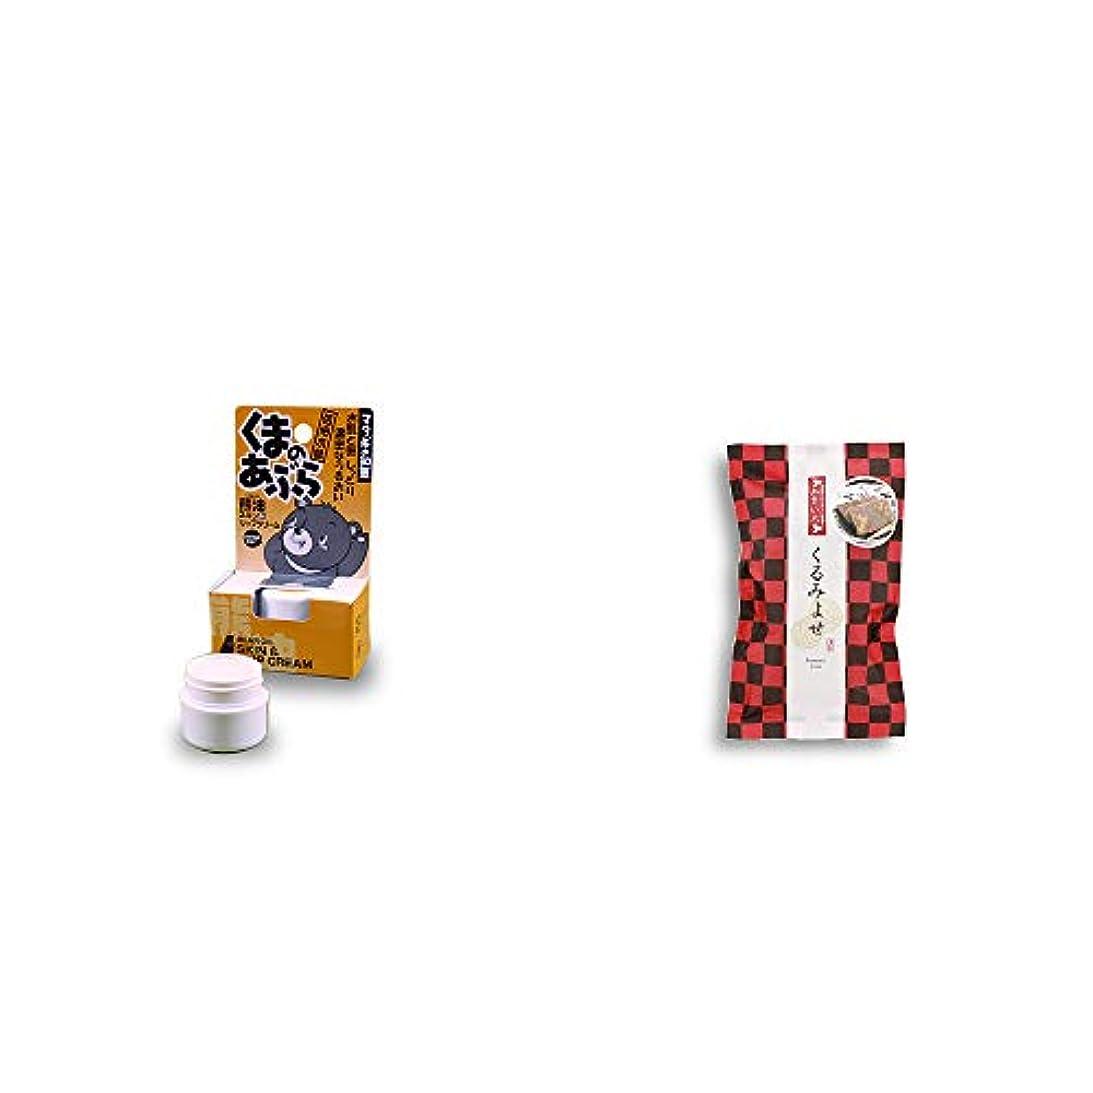 問い合わせるエレガントばか[2点セット] 信州木曽 くまのあぶら 熊油スキン&リップクリーム(9g)?くるみよせ(こし餡)(5個入)